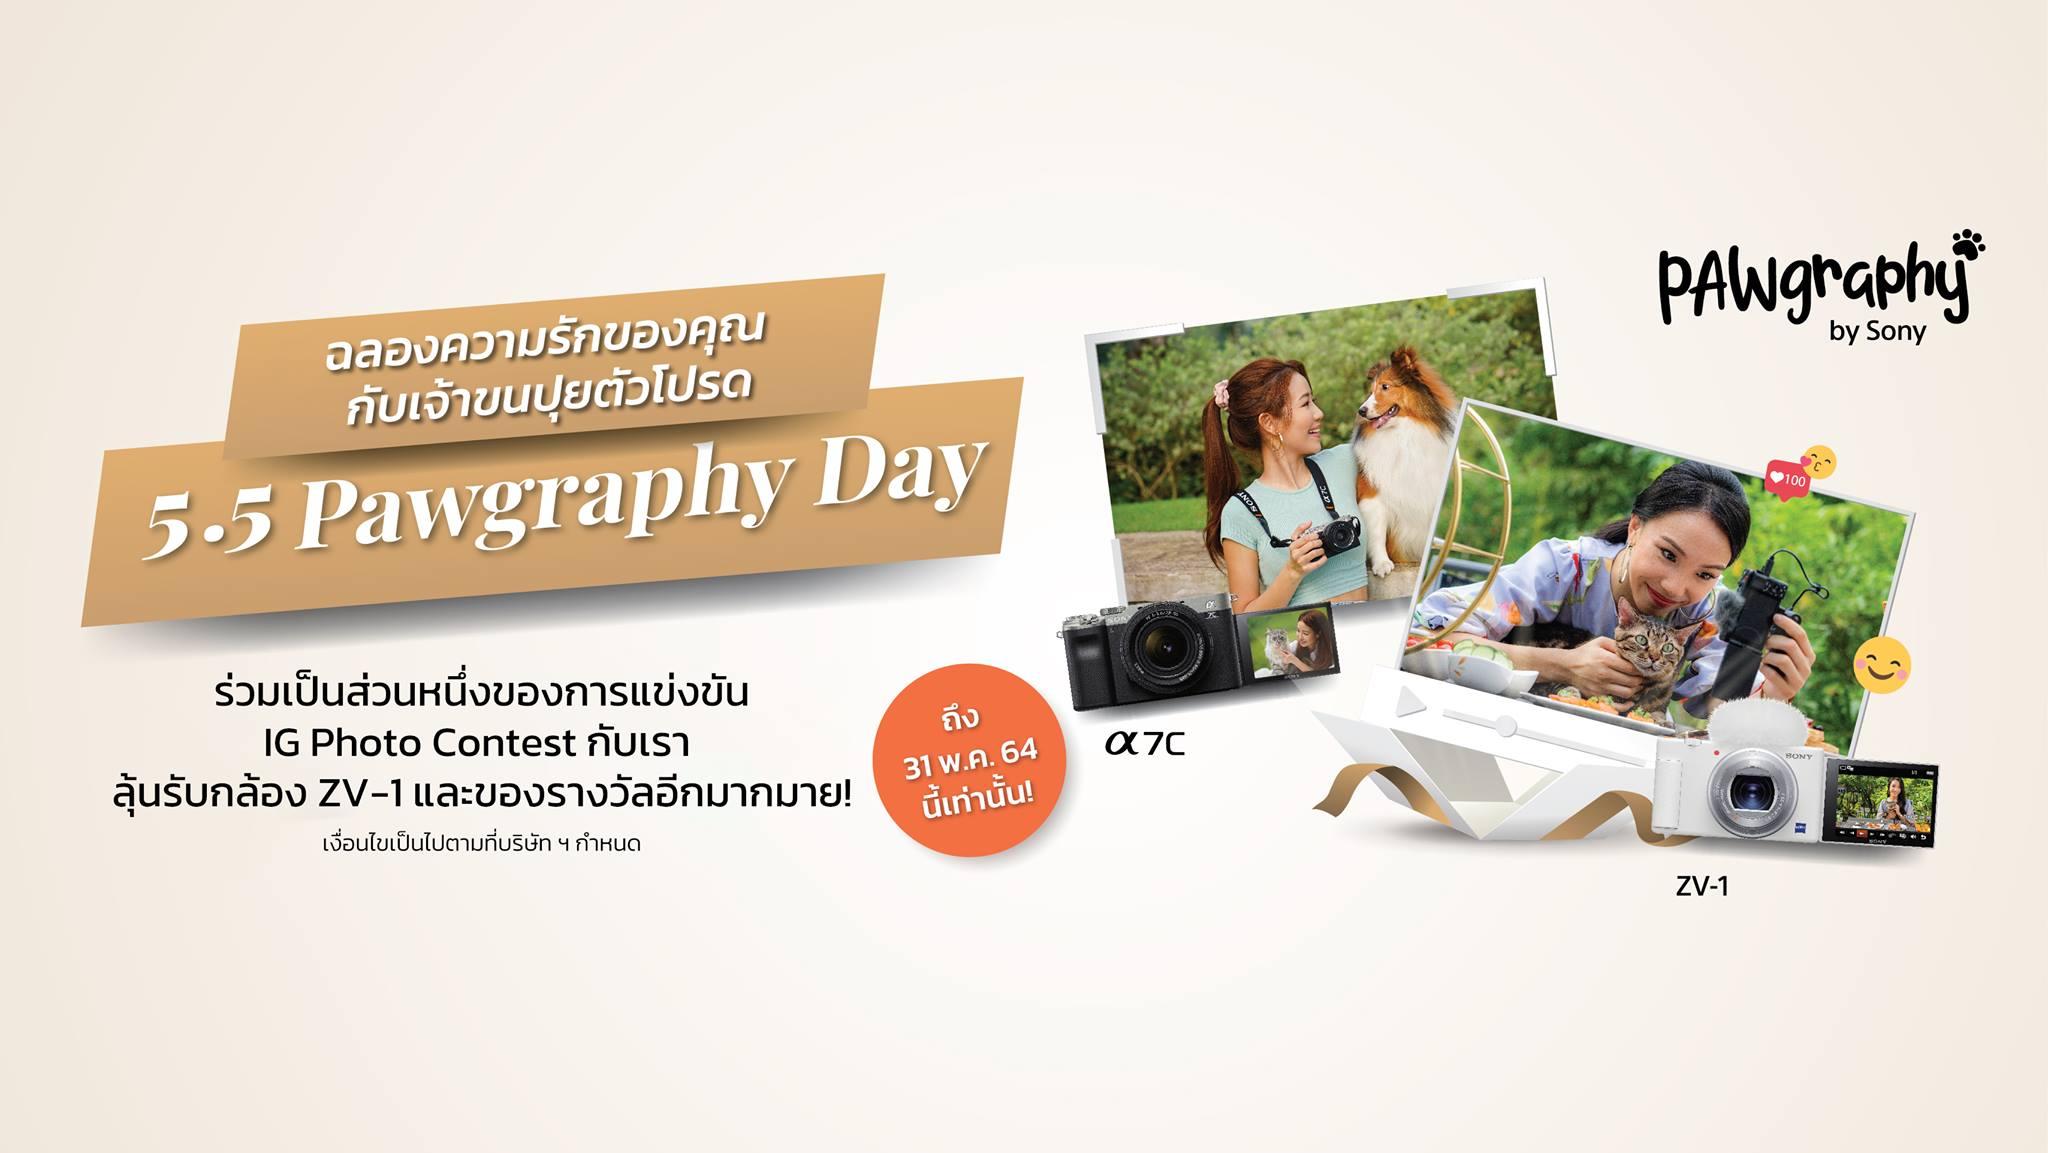 การประกวดภาพถ่ายในอินสตราแกรม Sony's 5.5 Pawgraphy